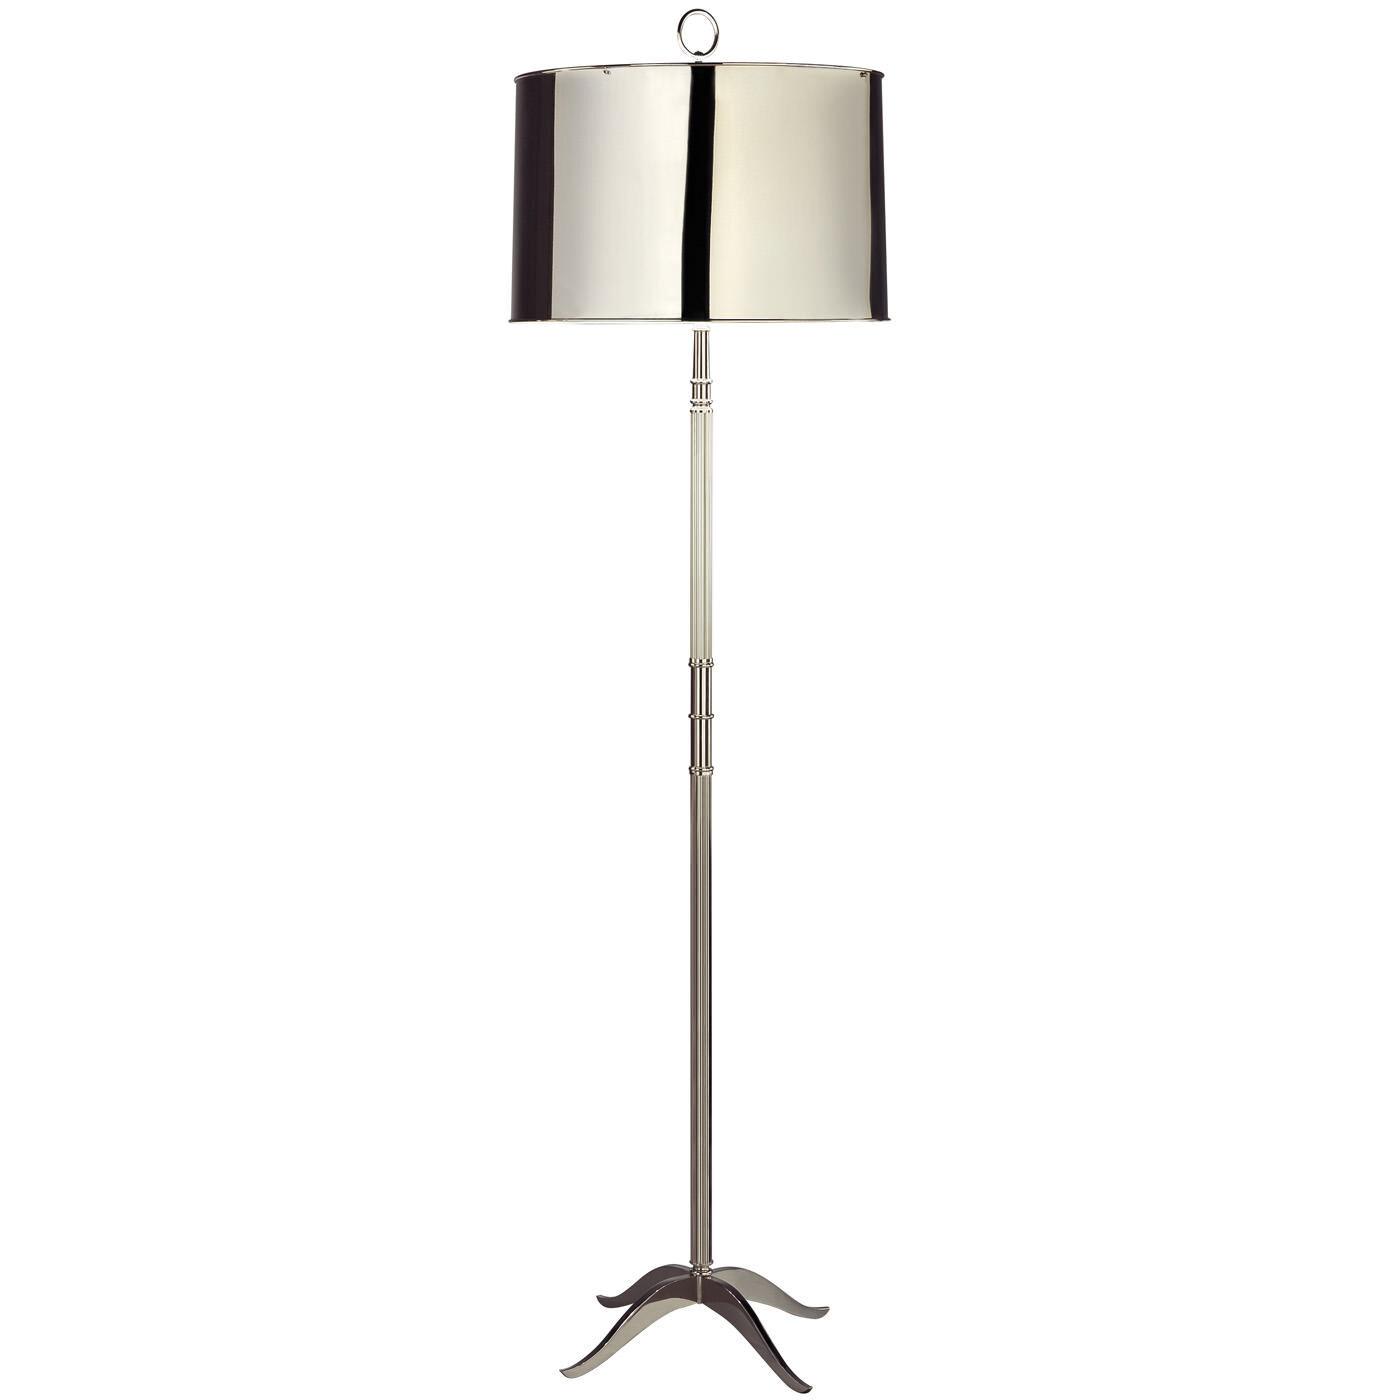 floor lamps porter floor lamp - Robert Abbey Lighting